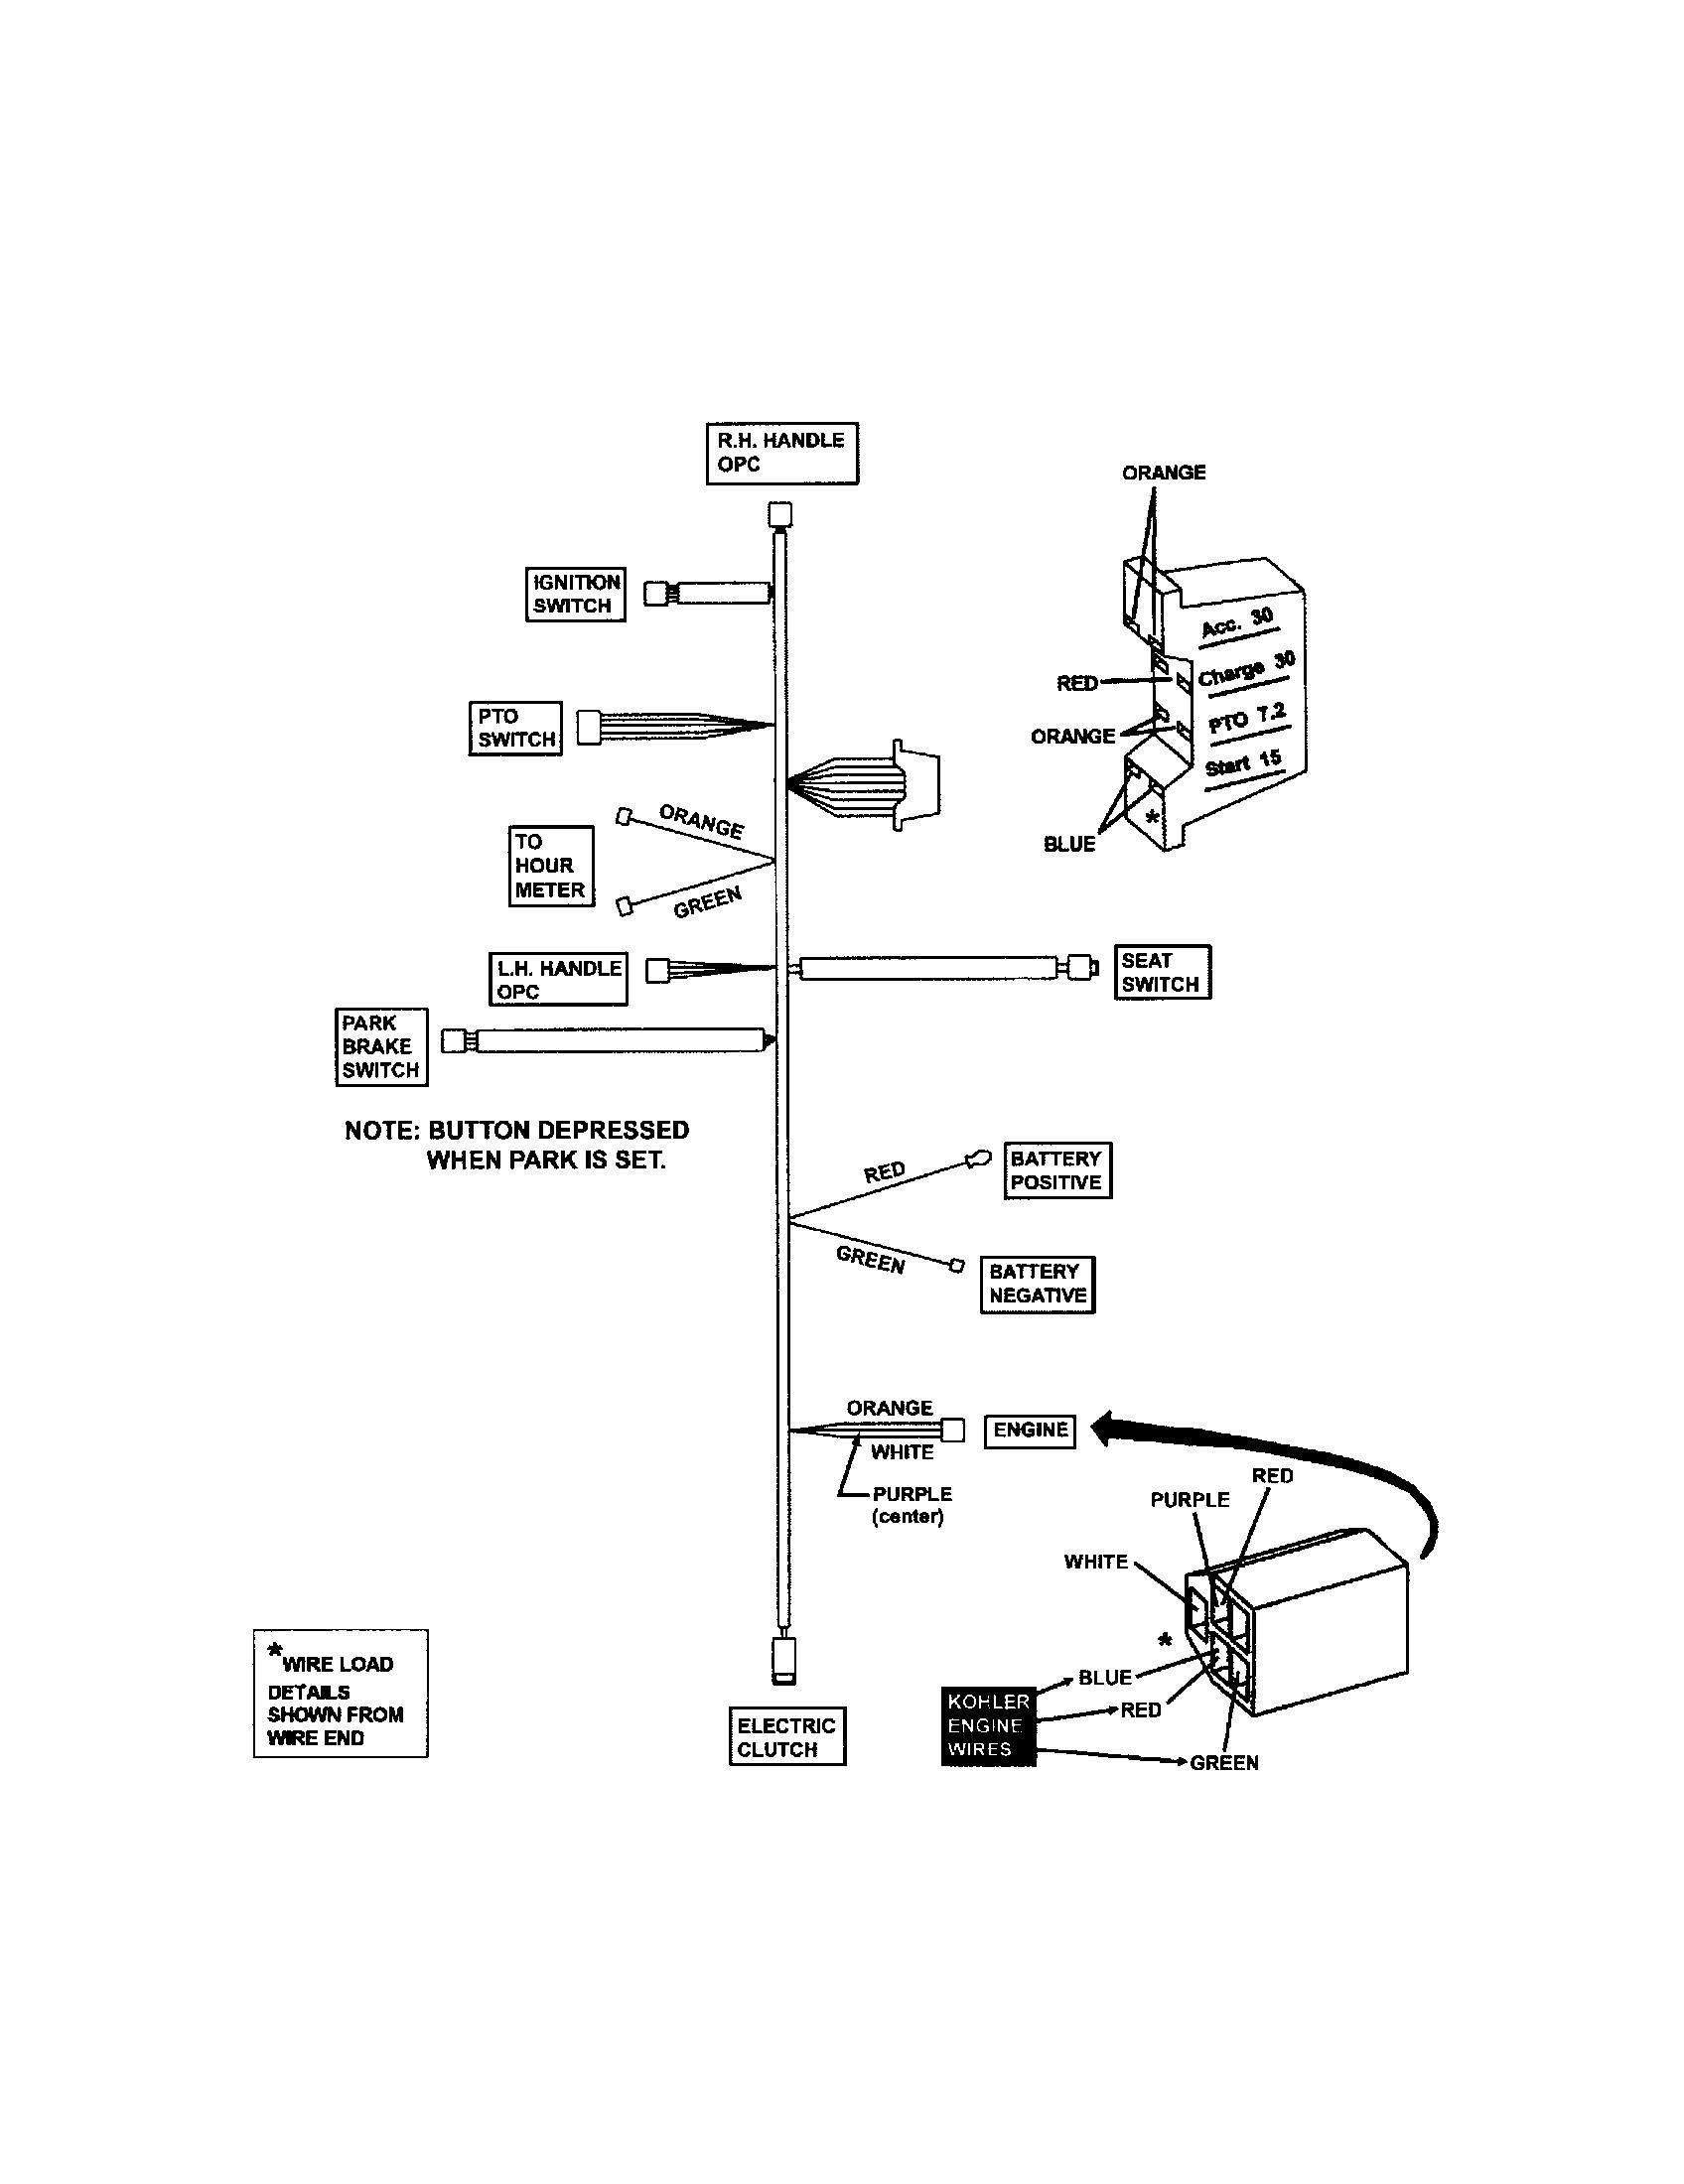 20 Hp Kohler Engine Wiring Diagram Snapper Model Nzm Kwv